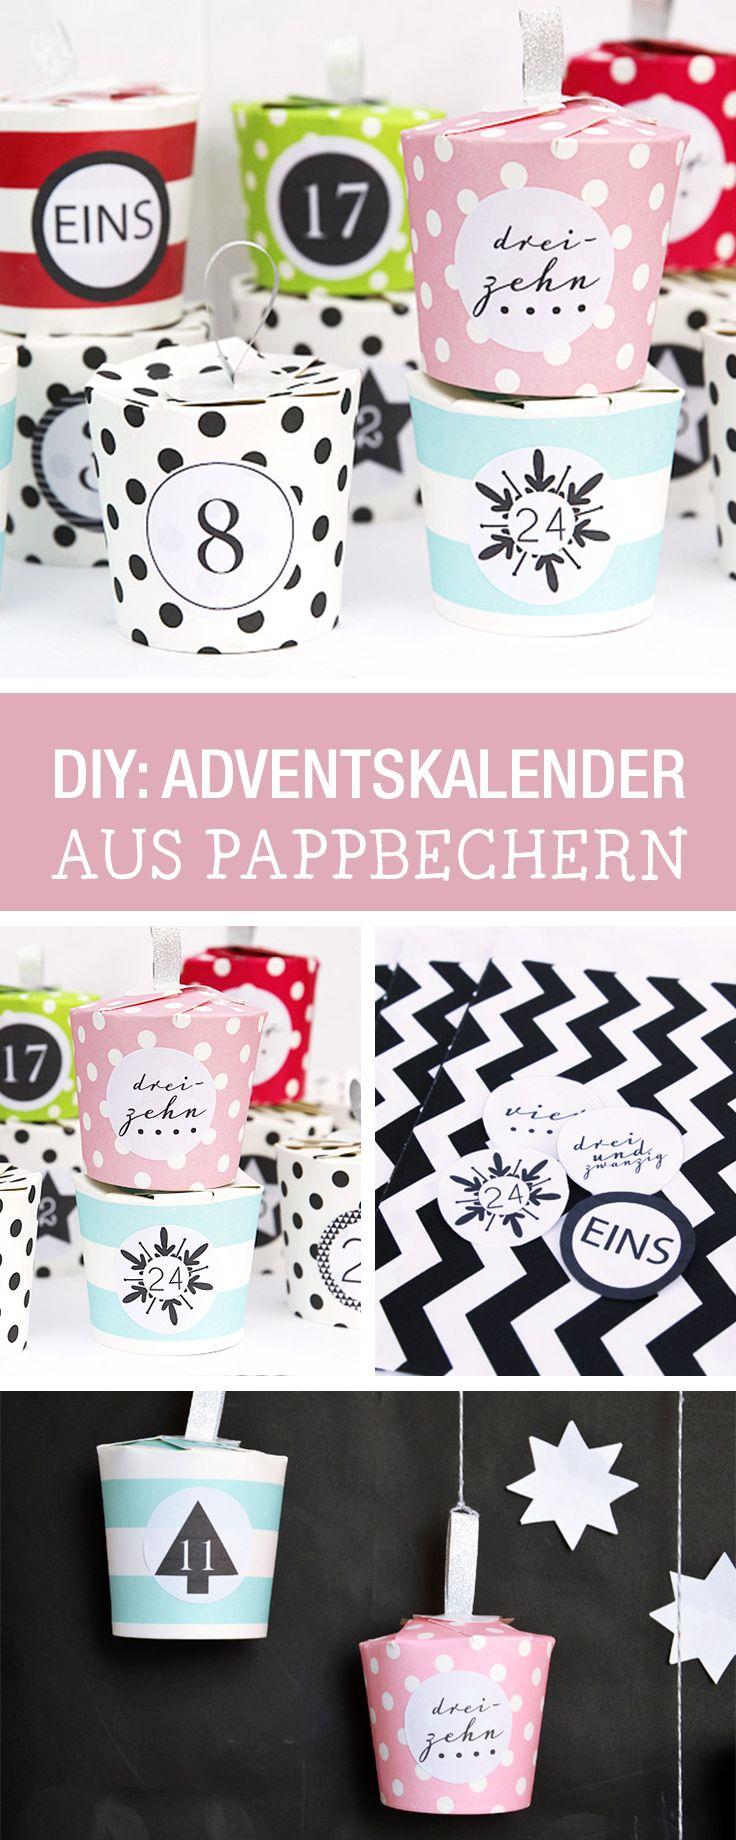 Einfache DIY-Anleitung für einen Adventskalender aus Pappbechern / last minute advents calendar diy via DaWanda.com